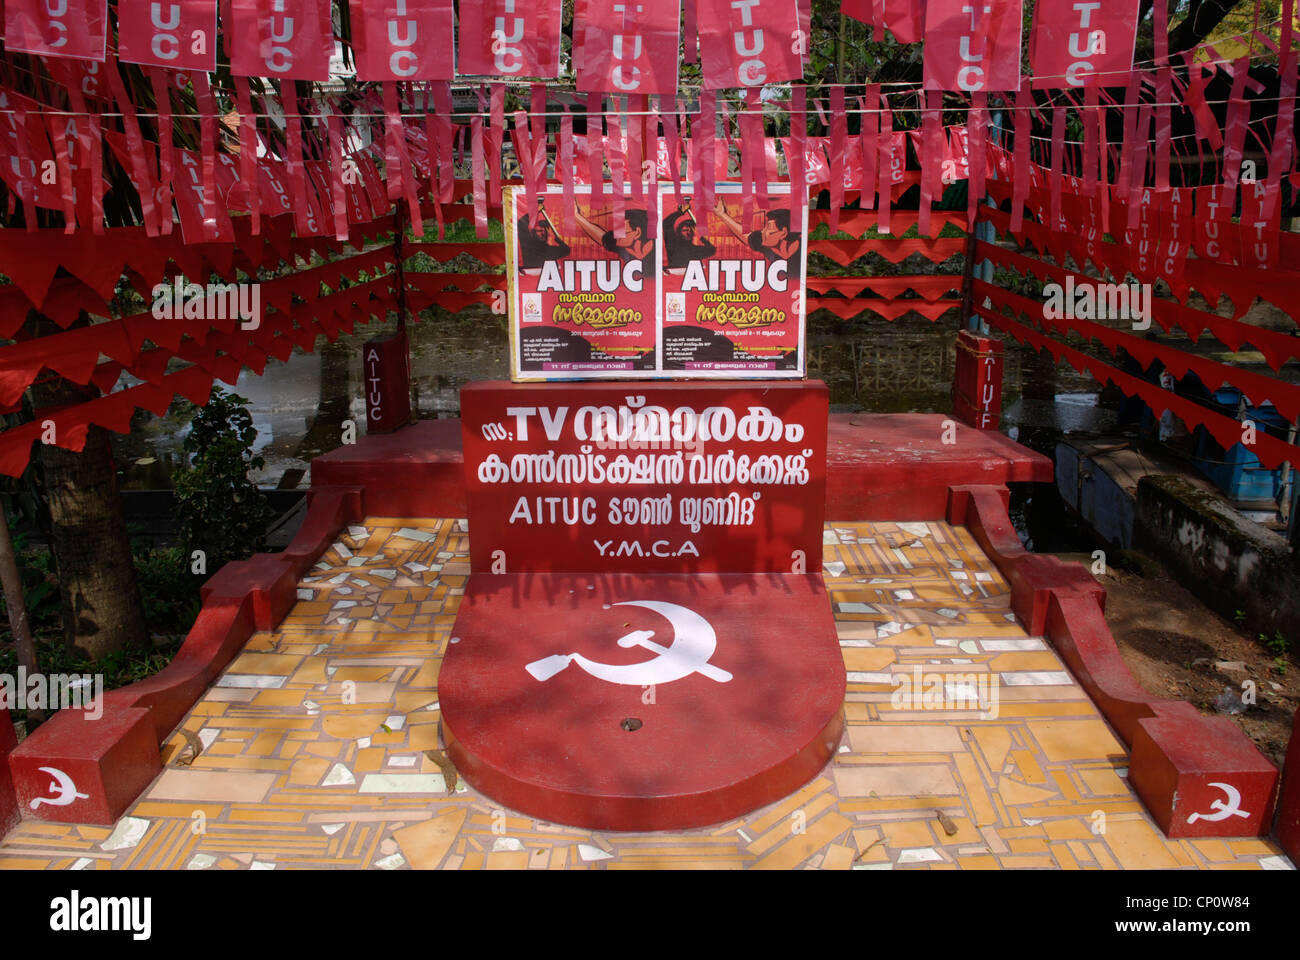 Un comunista YMCA santuario di Alleppey, nello stato indiano del Kerala. Immagine: Adam Alexander/Alamy Immagini Stock